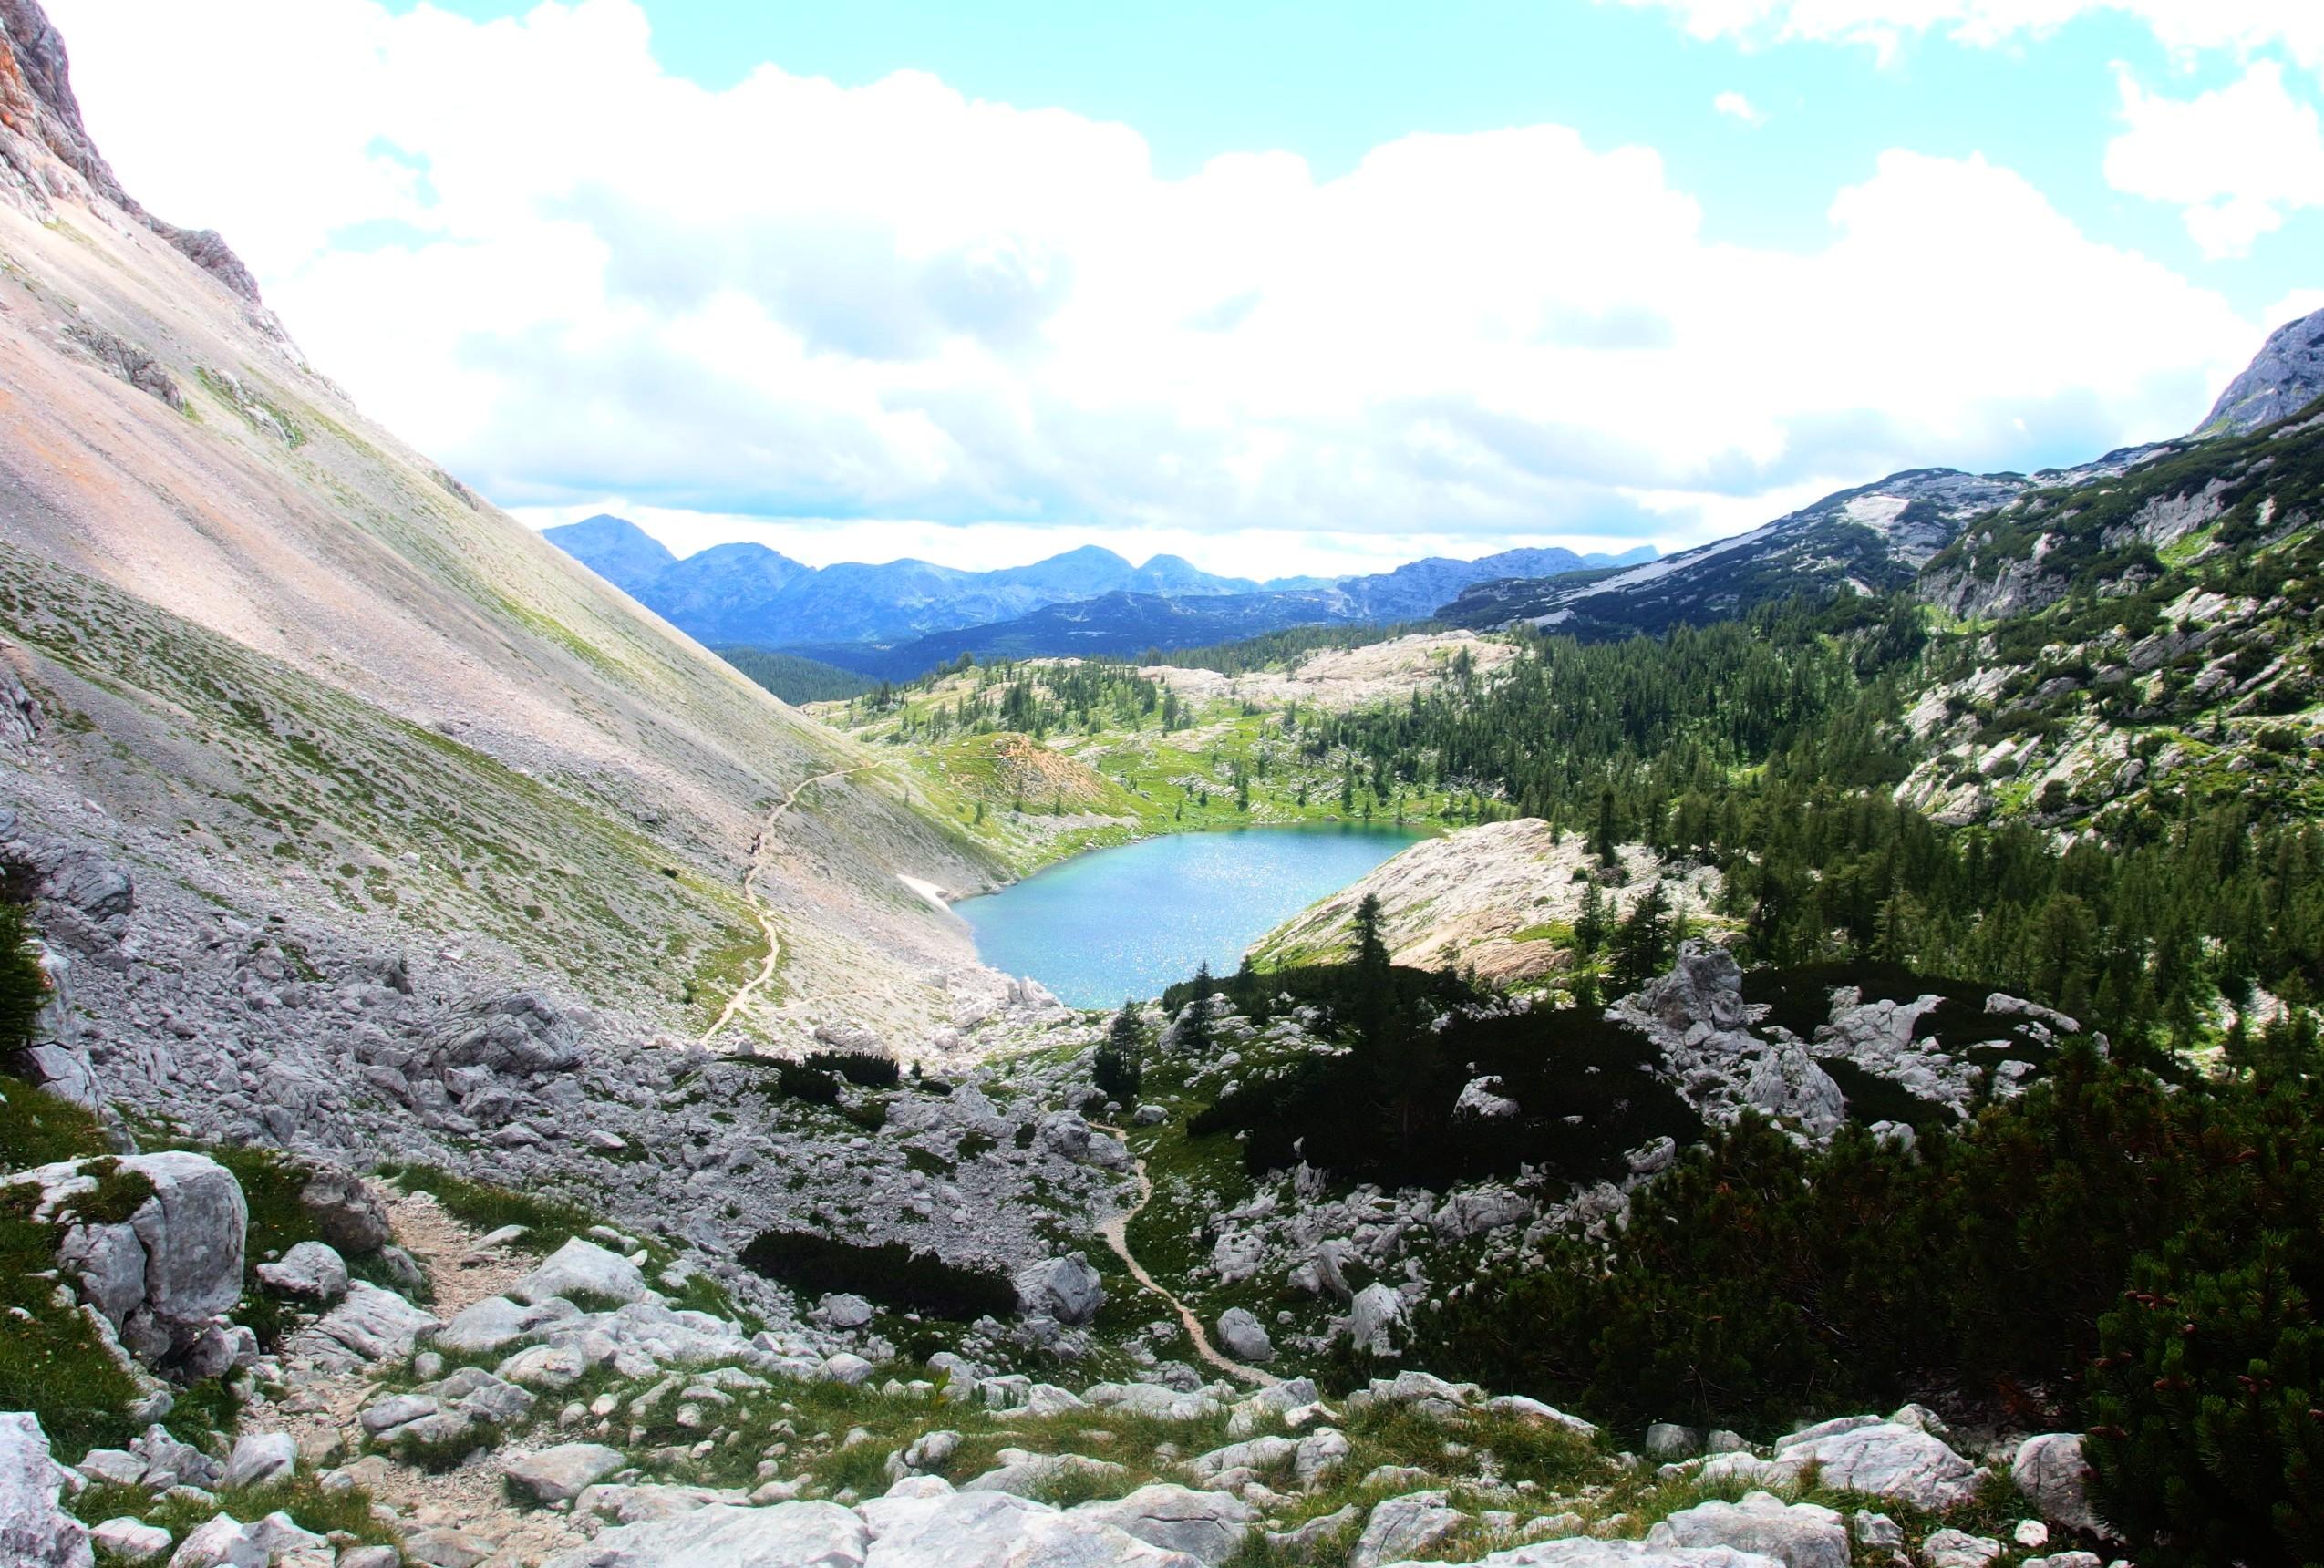 triglavská jezera